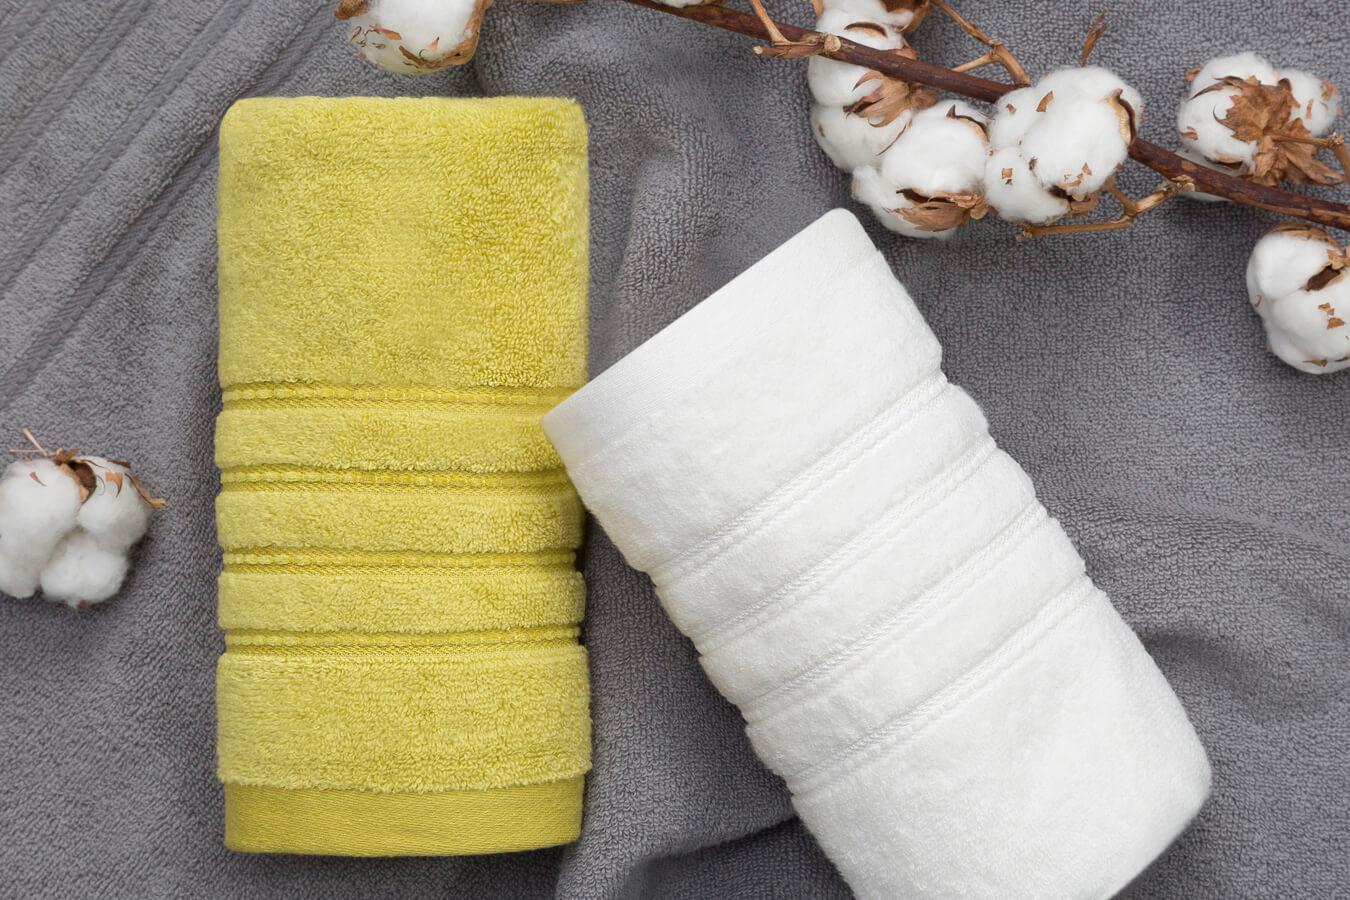 Jaką wybrać gramaturę ręcznika?